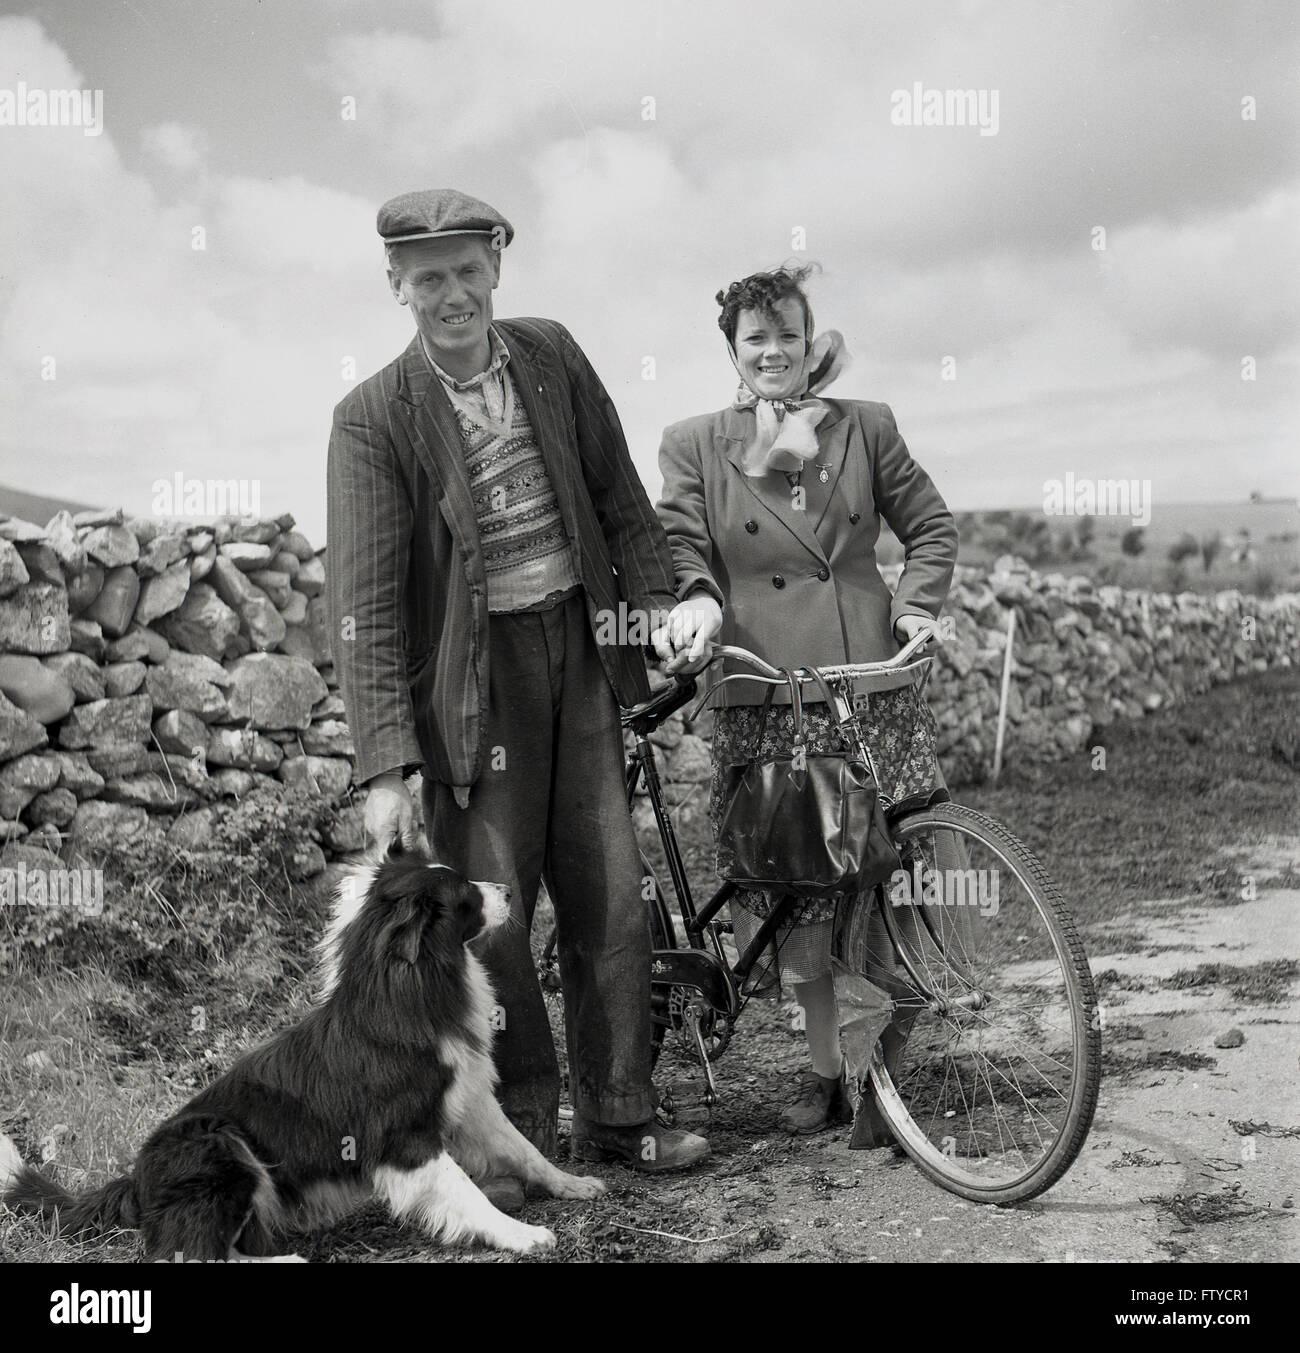 Historique des années 1950, à l'ouest de l'Irlande, l'agriculteur irlandais avec chien et Photo Stock